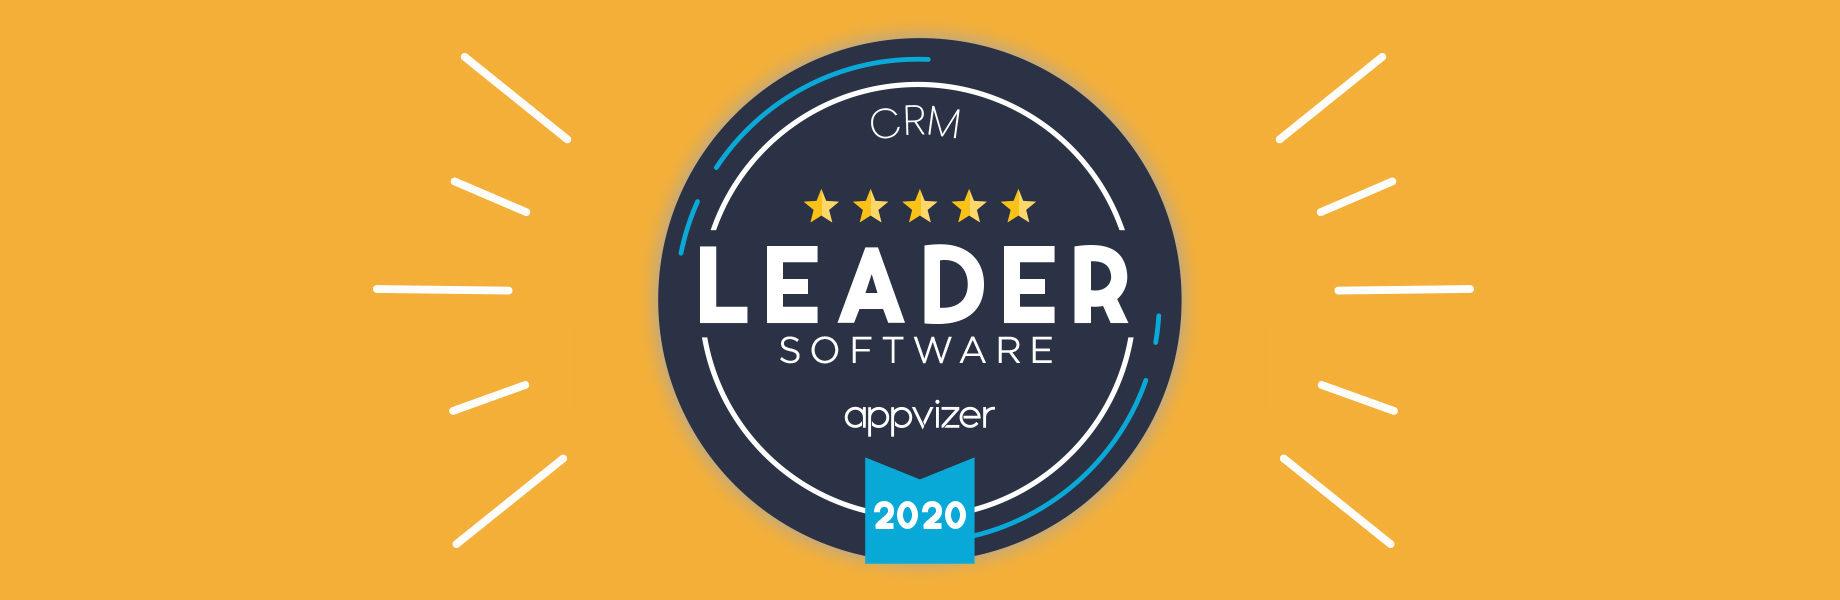 Pourquoi un badge Leader appvizer est attribué à un logiciel ?